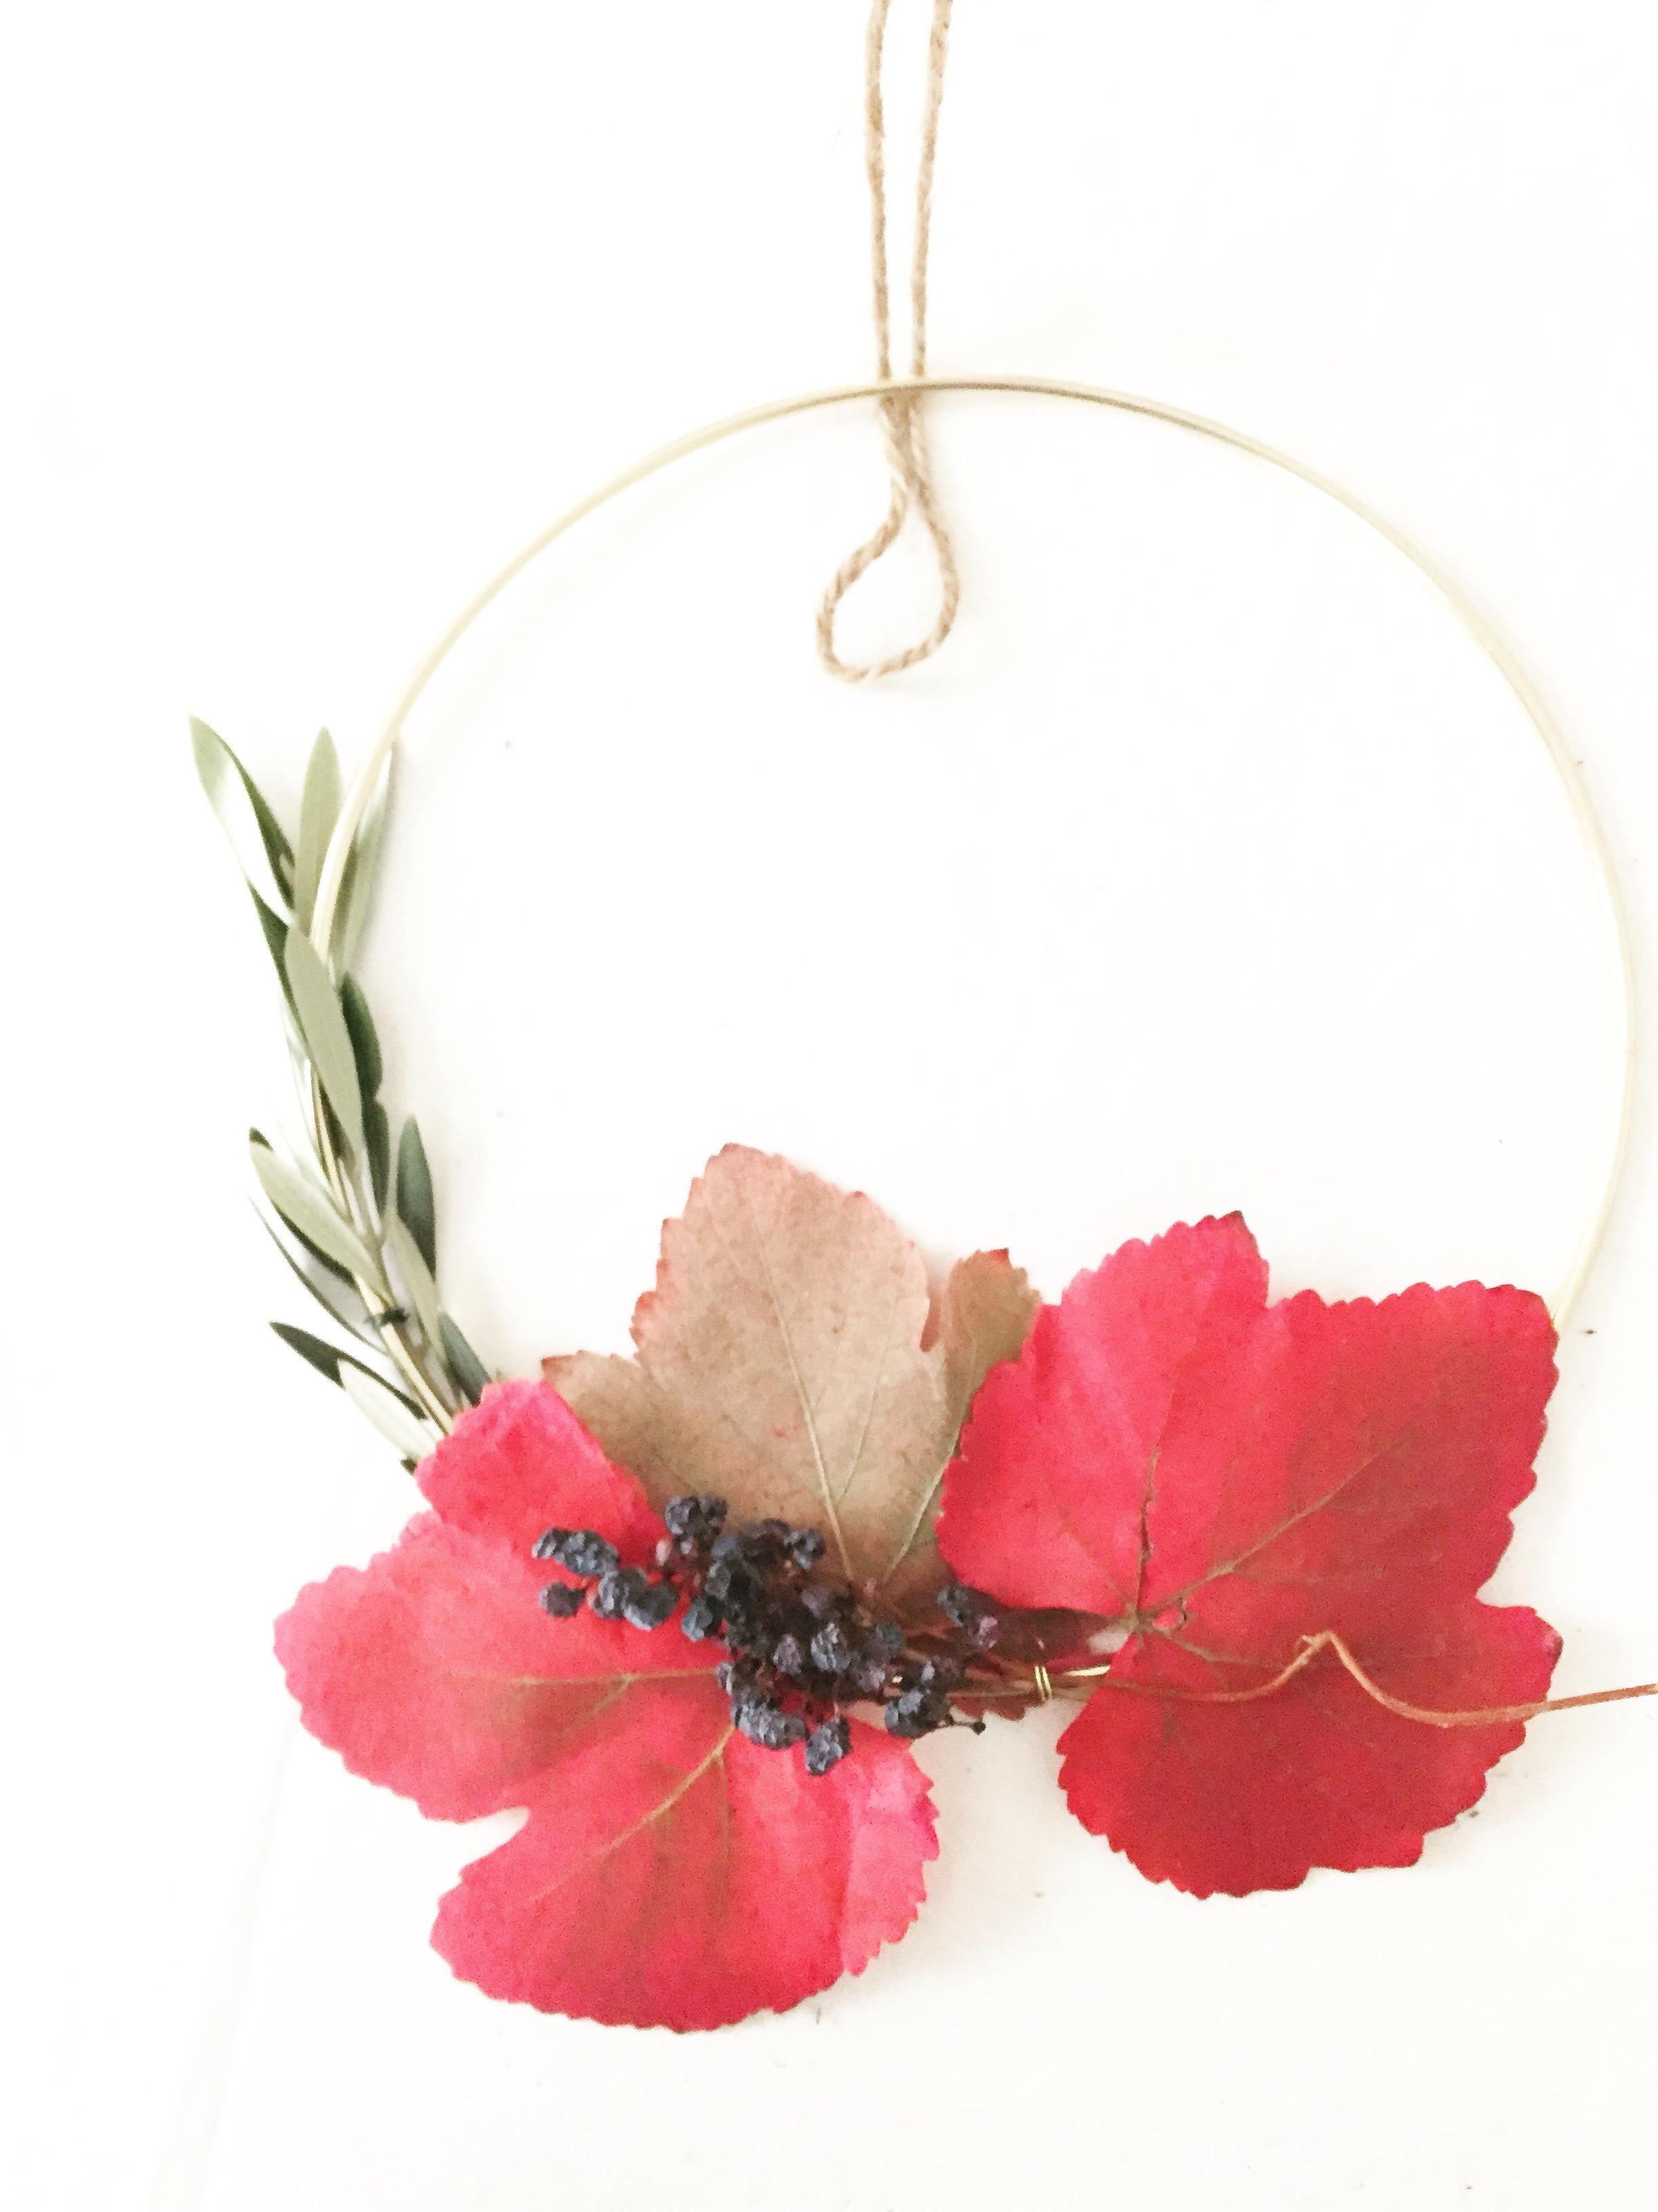 DIY Foraged Wreath 6